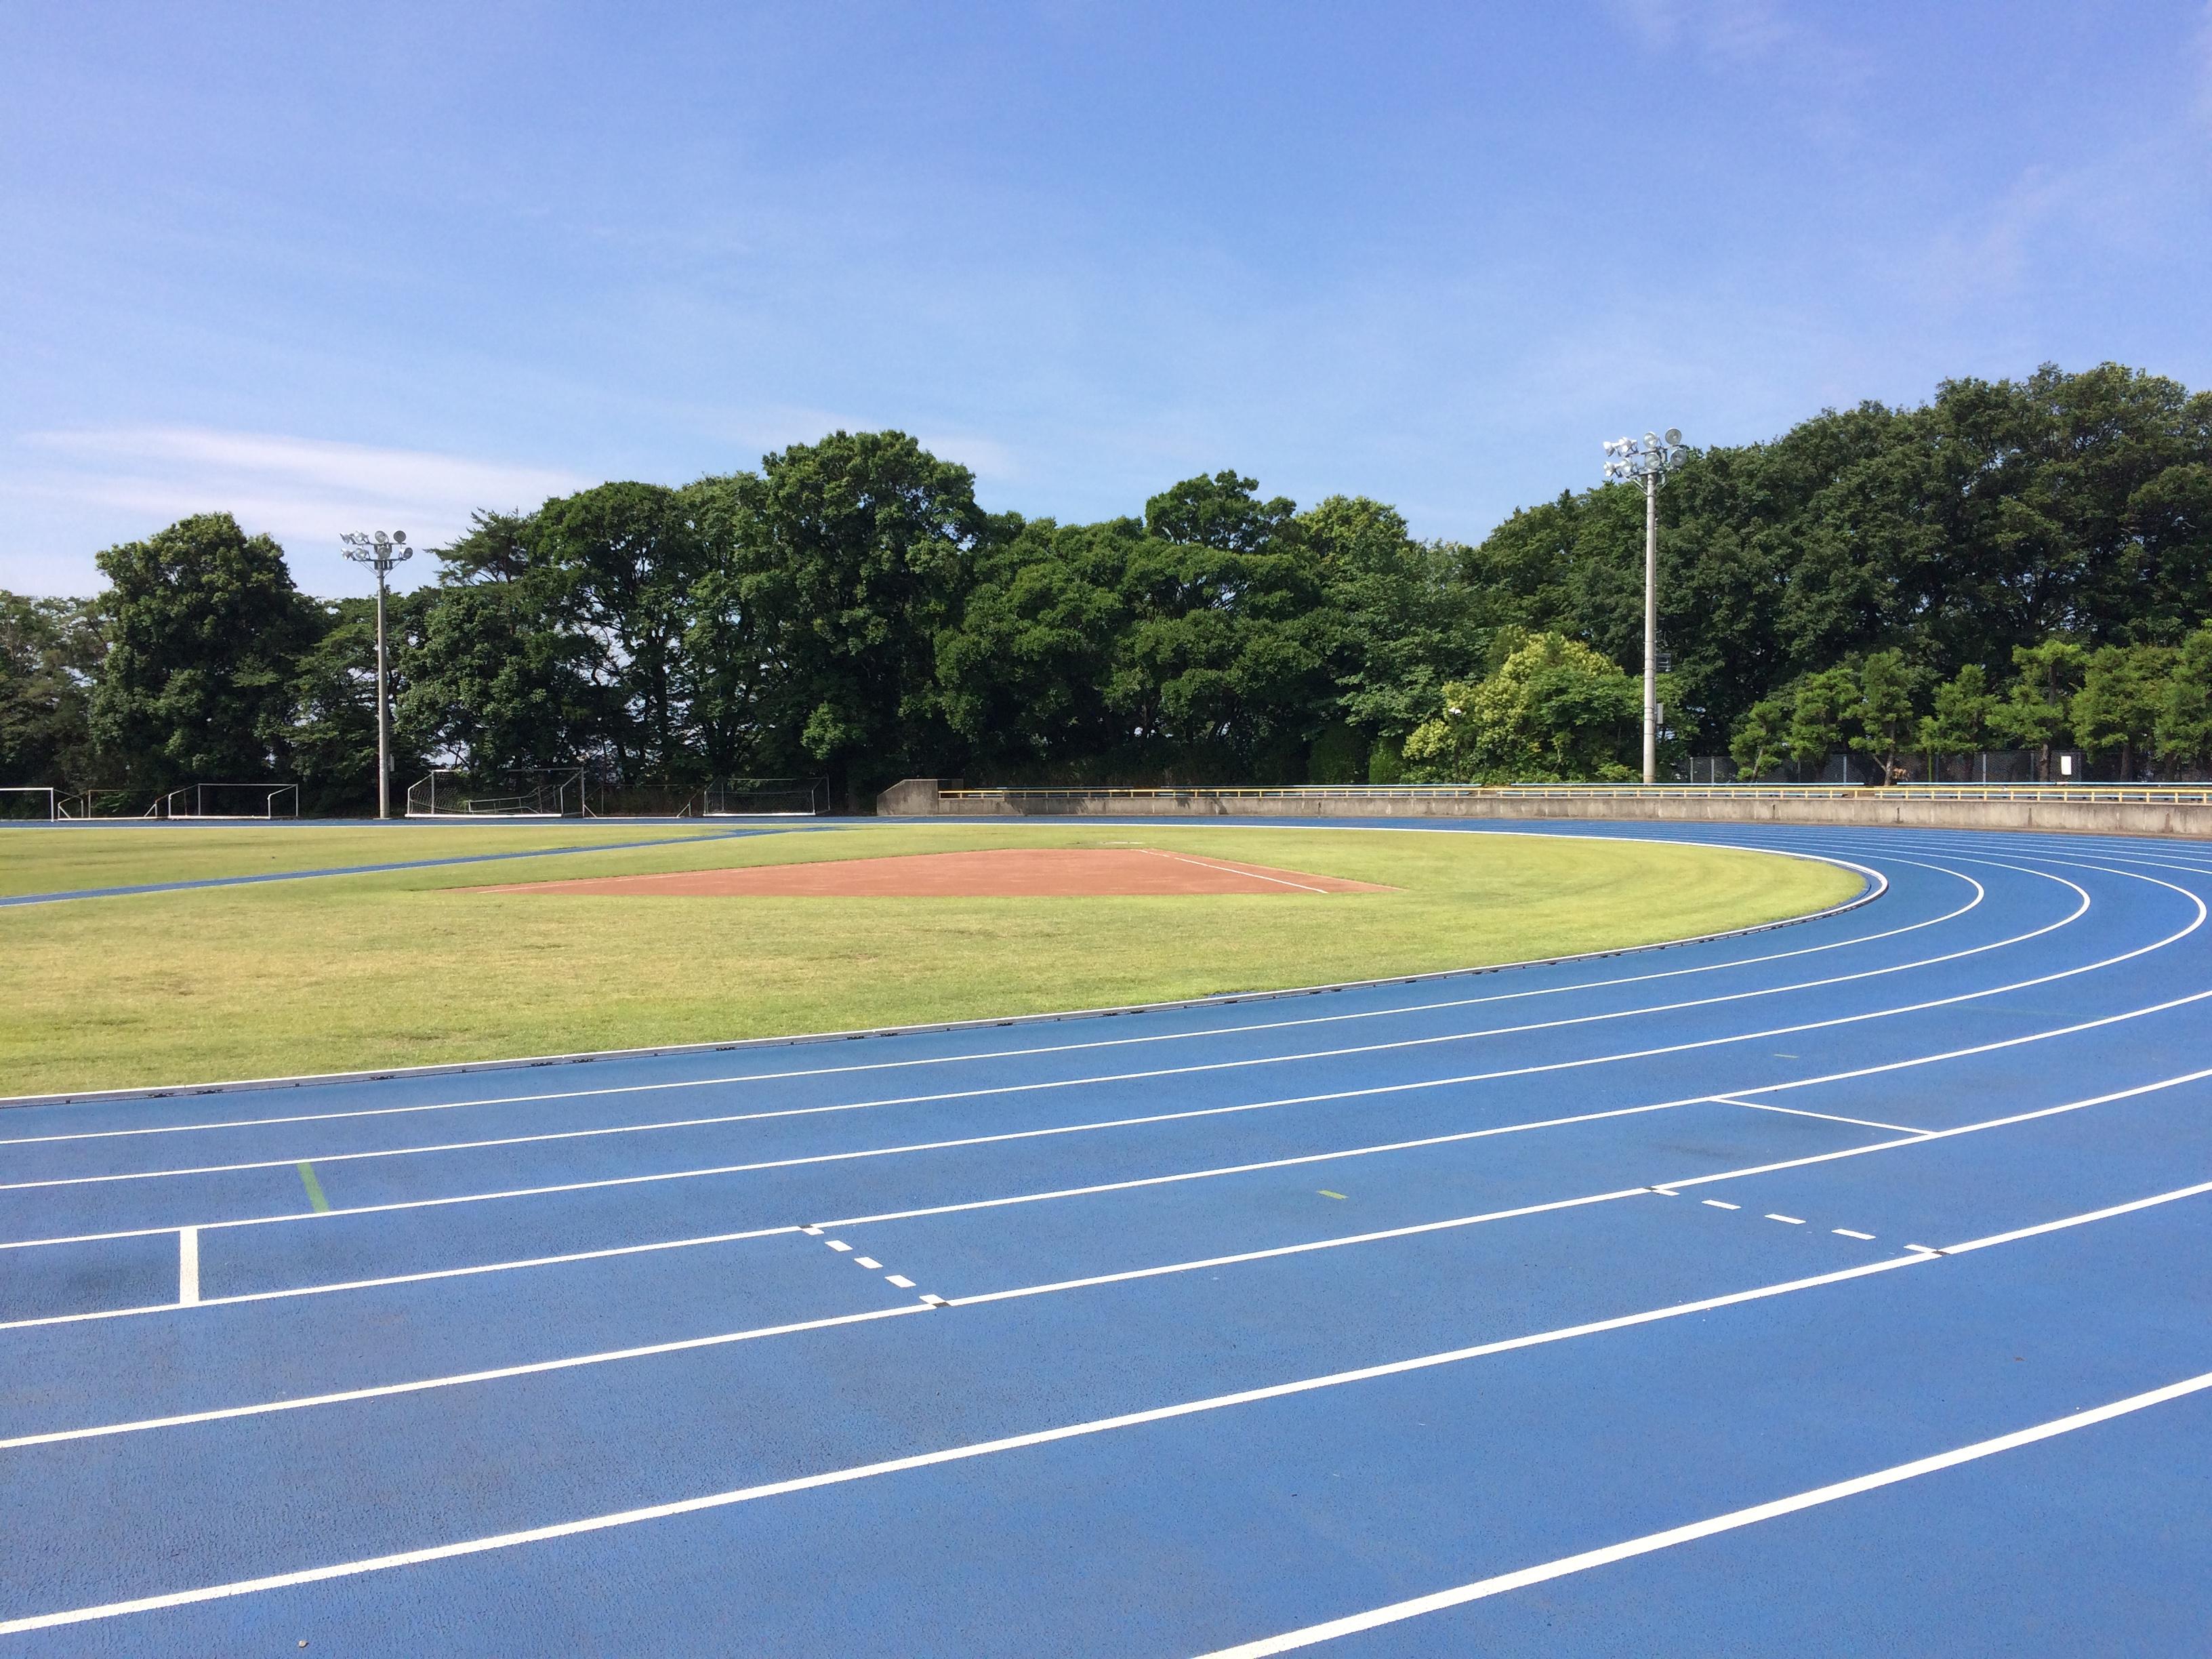 【アラ還マラソン練習日記】 夏の練習はスピード重視、スタミナもつける!ホノルルマラソン、そして秋大会へ